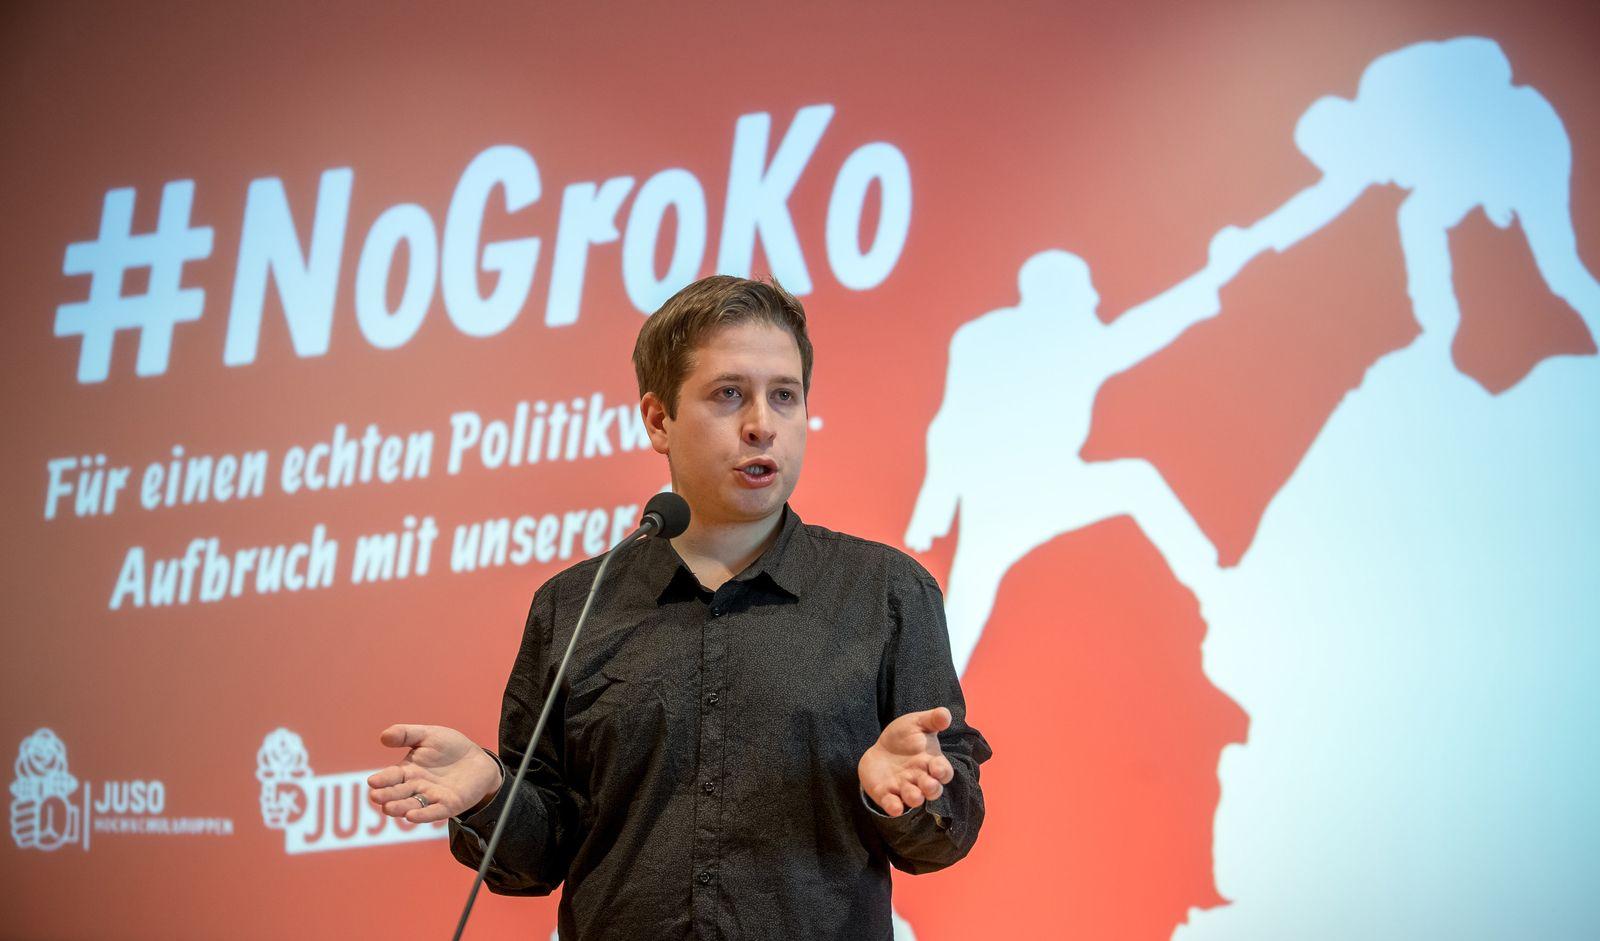 junge Politiker/ Kevin Kühnert